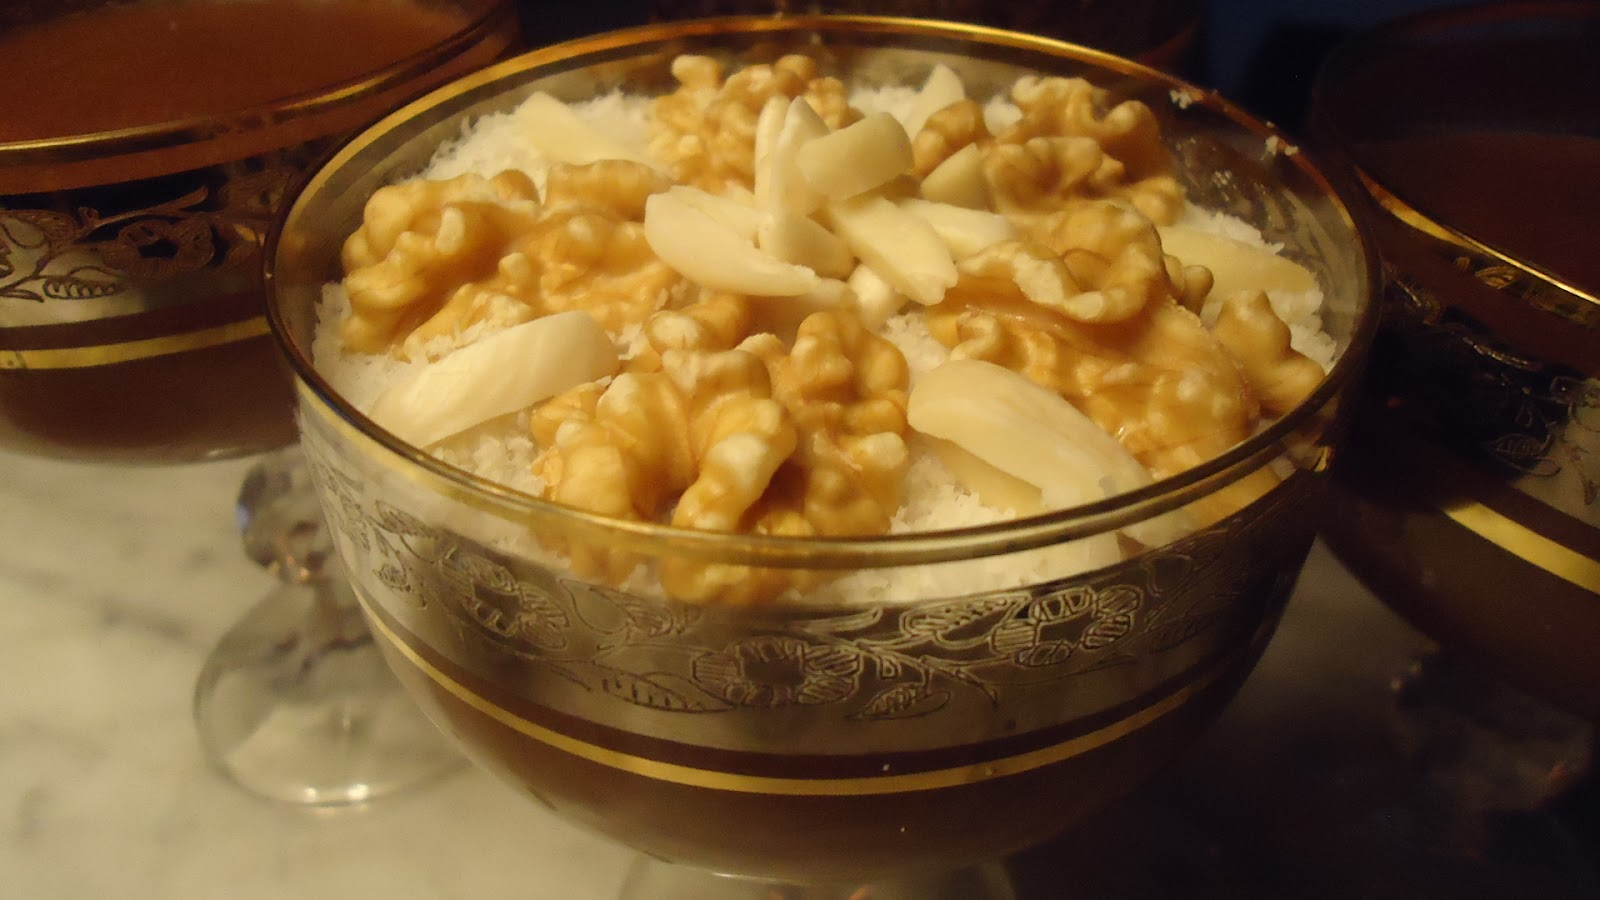 بالصور ..  اليكم افضل 10 اكلات شتوية تحارب البرد